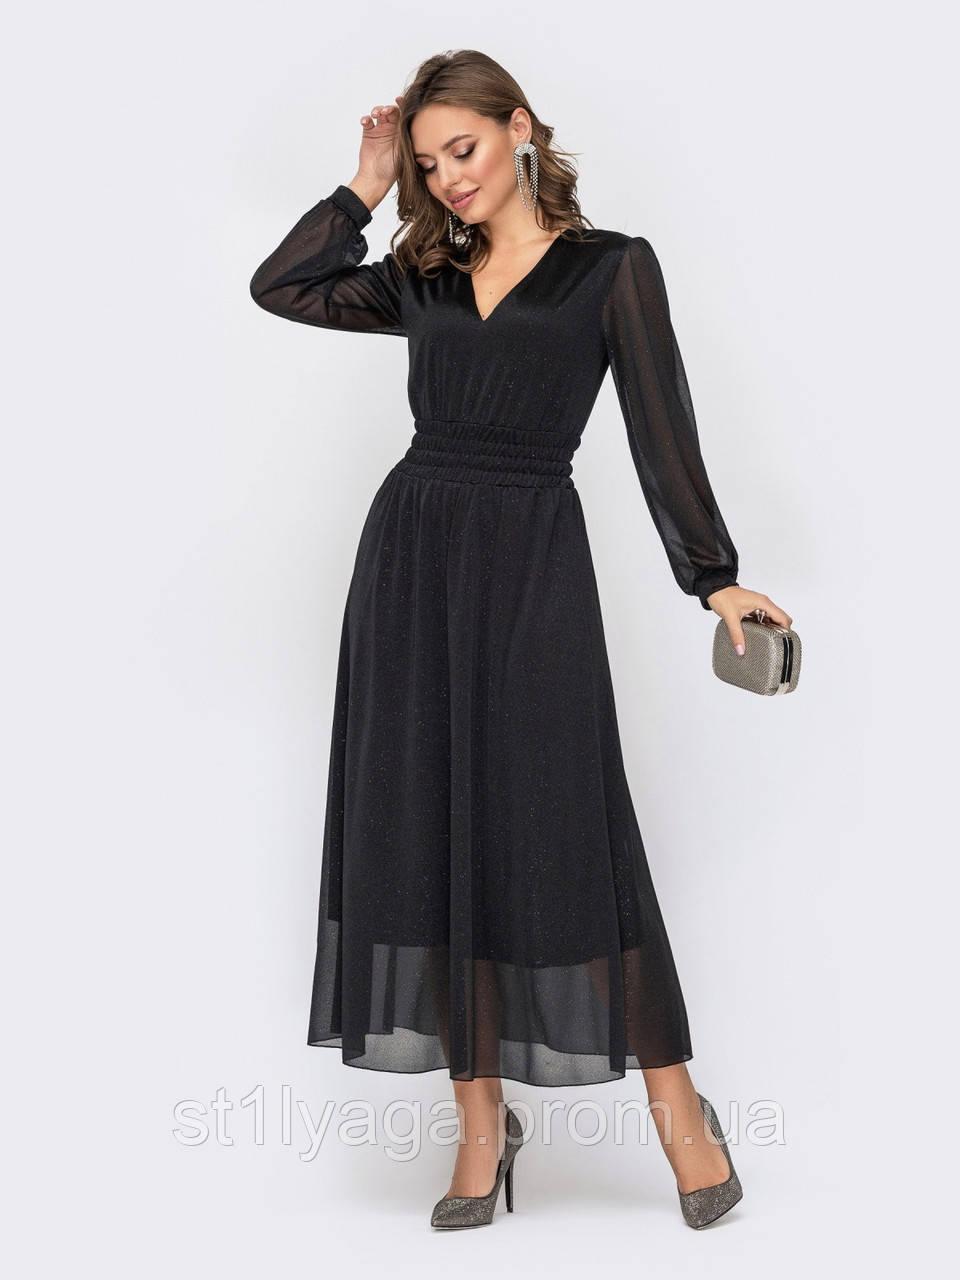 Вечернее платье-миди с расклешённой юбкой